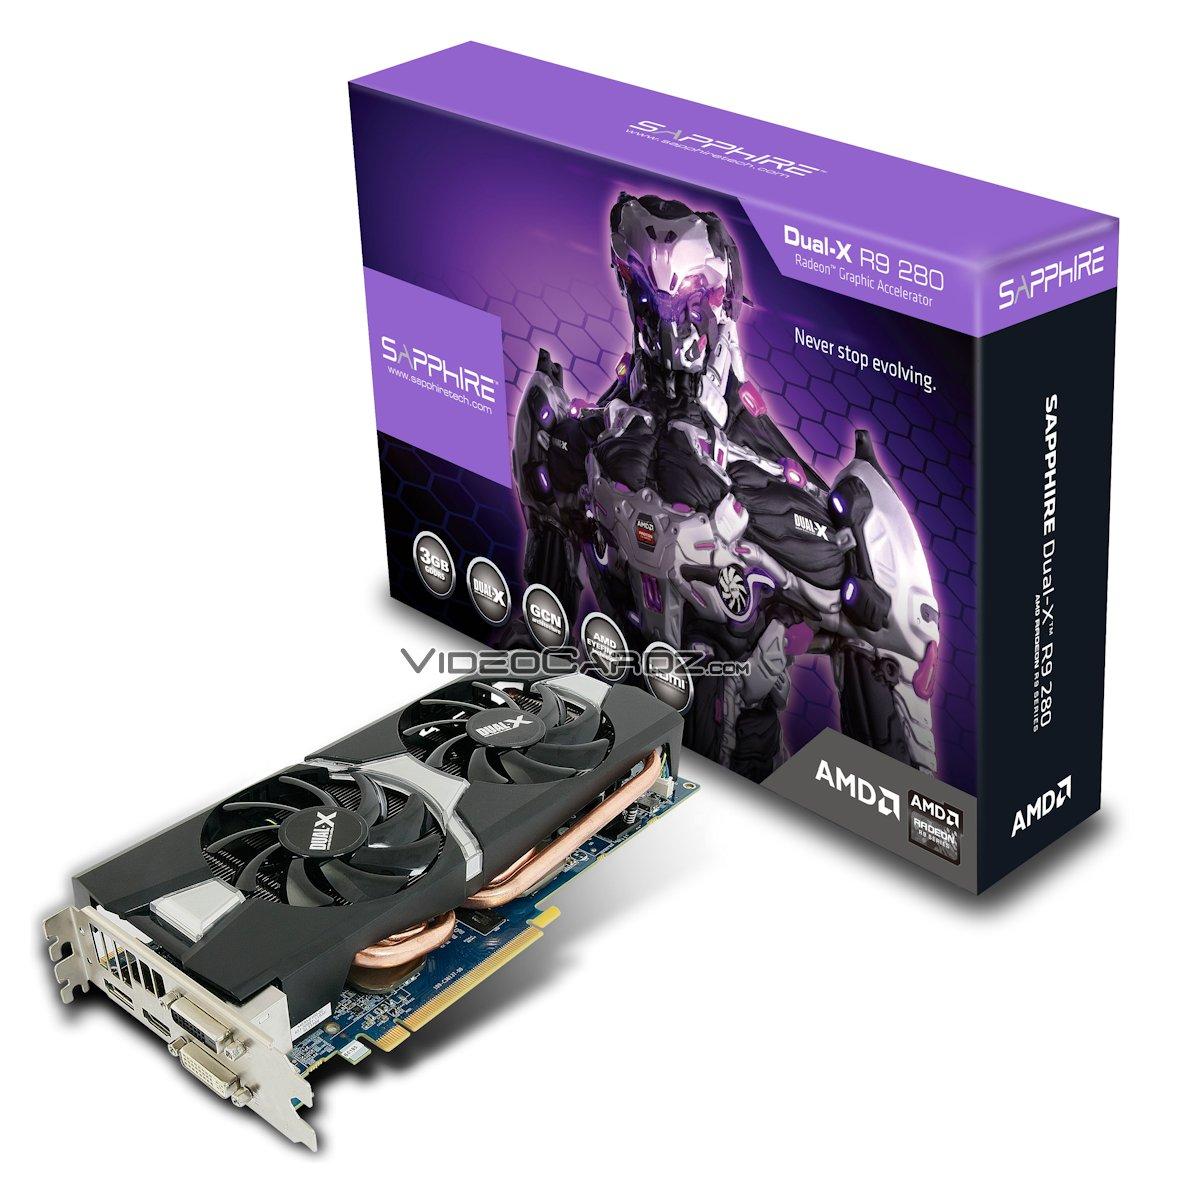 Обзор и тестирование двух видеокарт Radeon R9 28